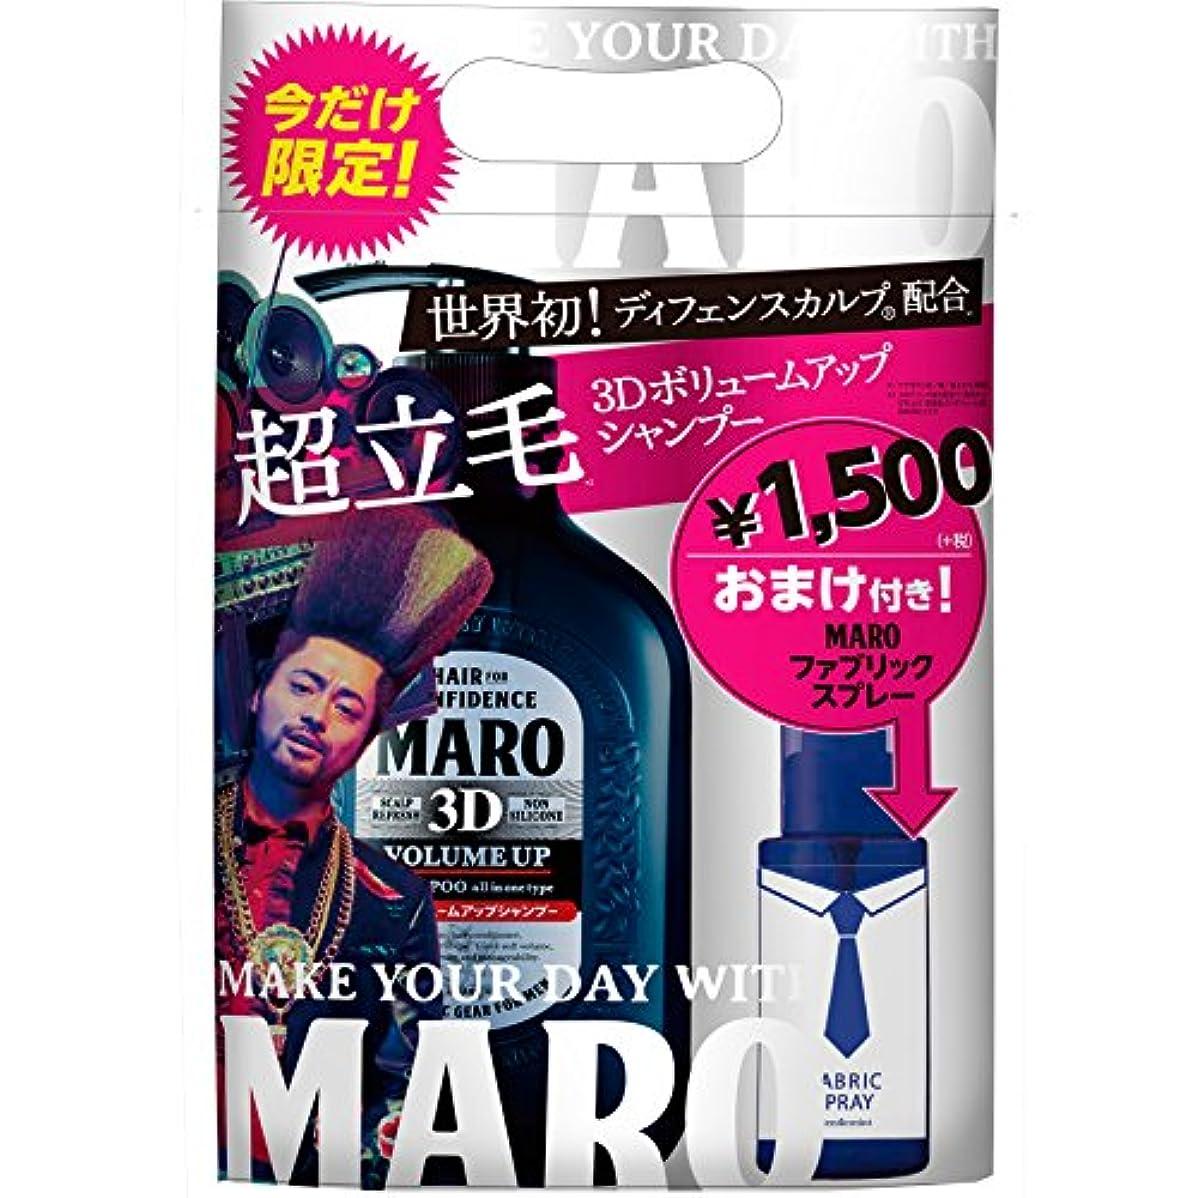 びっくりキャラクター揃えるMARO 3DボリュームアップシャンプーEX ファブリックスプレー付 460ml